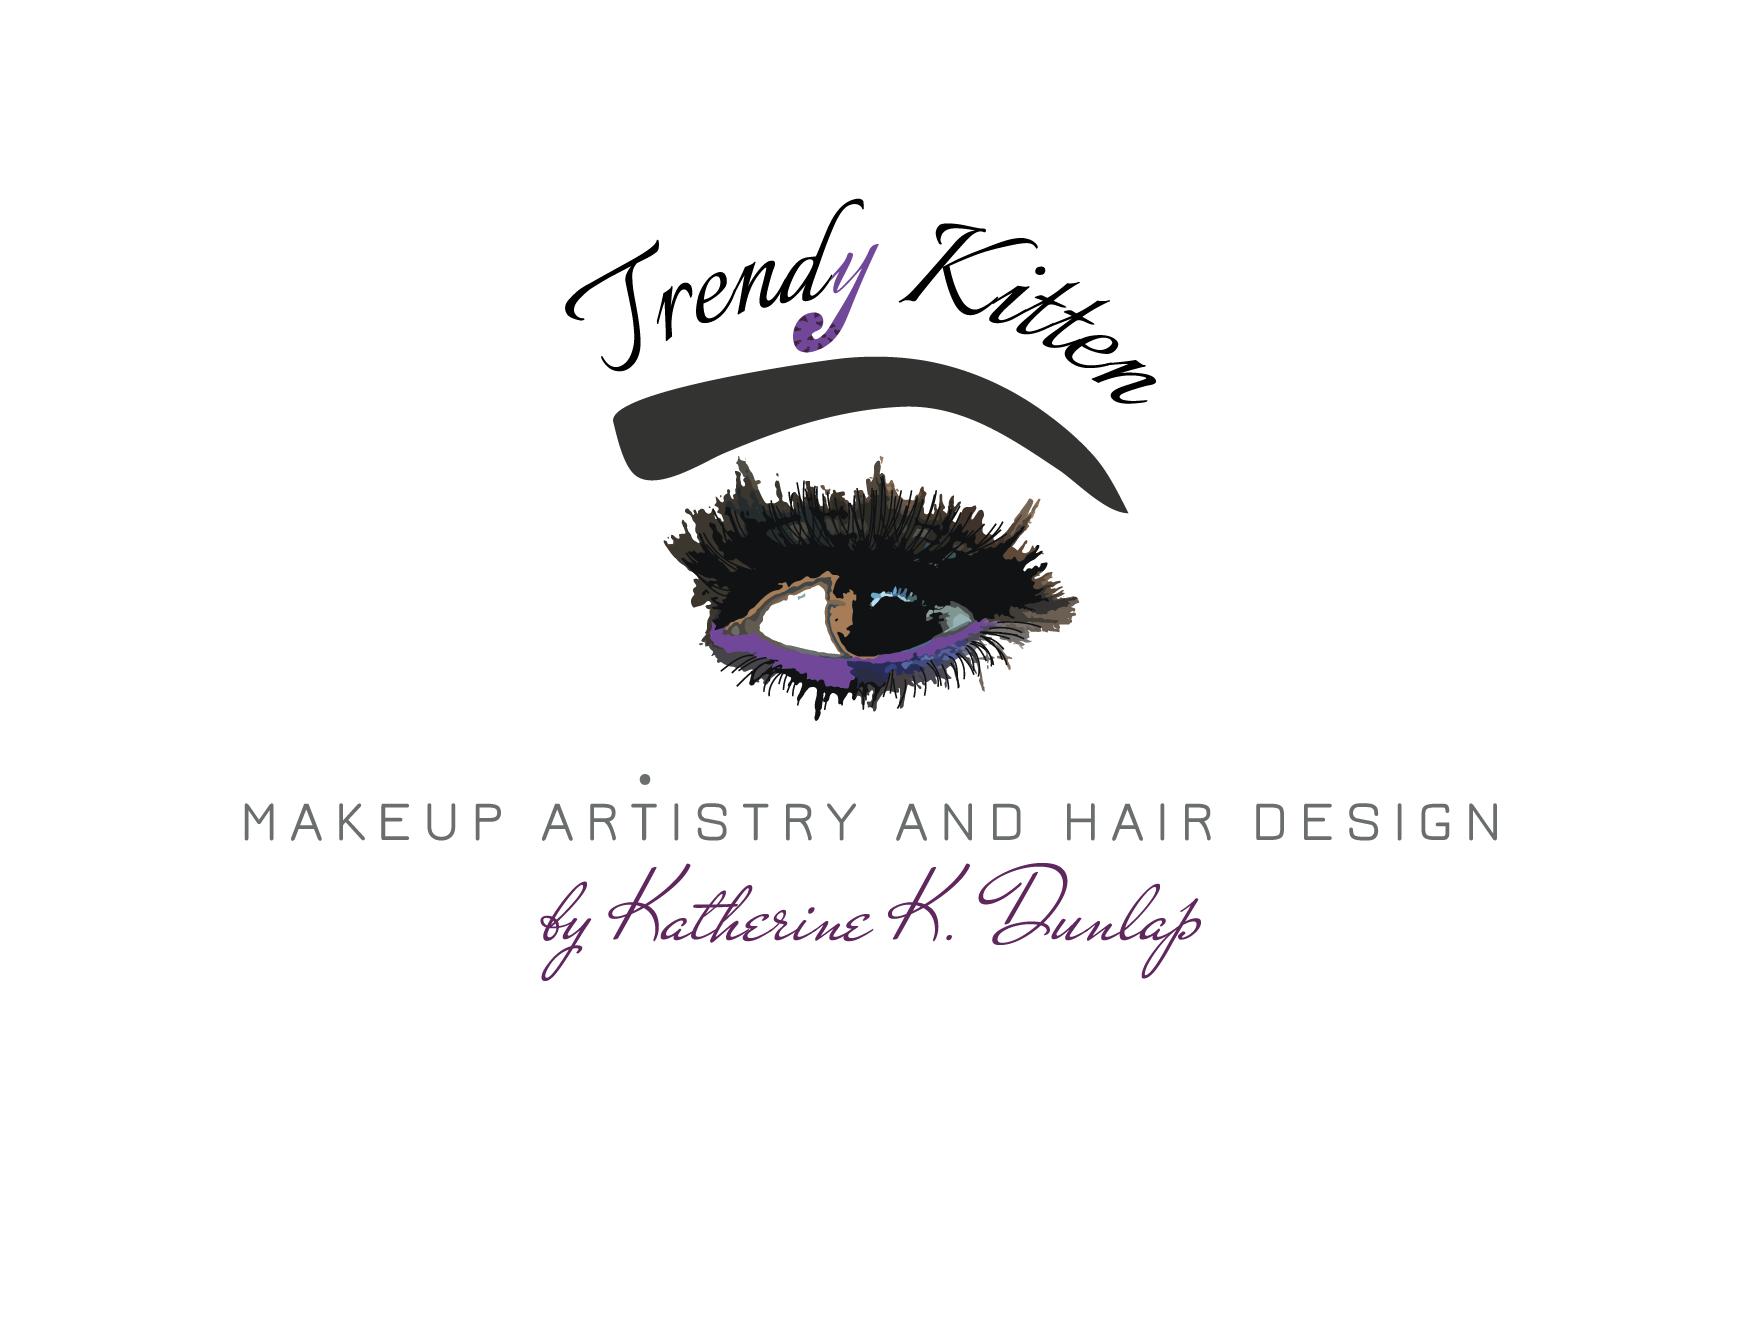 Trendy Kitten by Katherine K. Dunlap